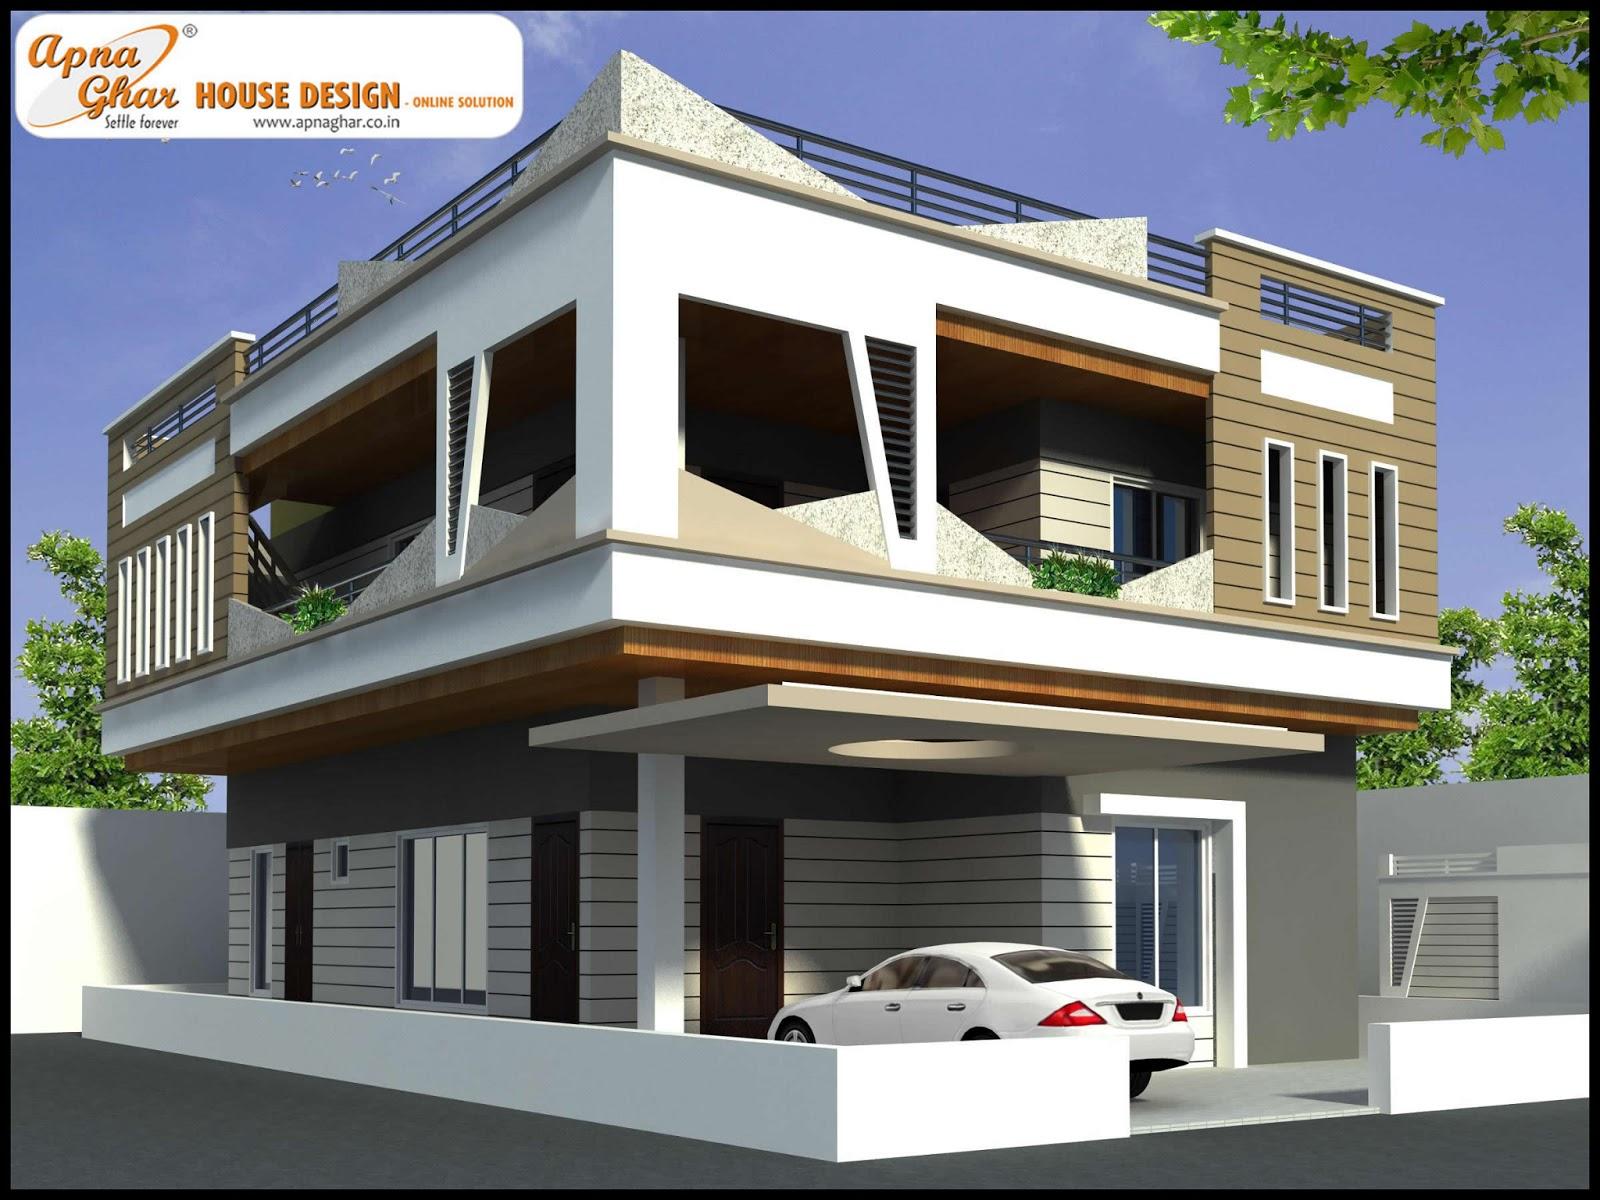 4 Bedrooms Duplex House Design In 216m2 12m X 18m